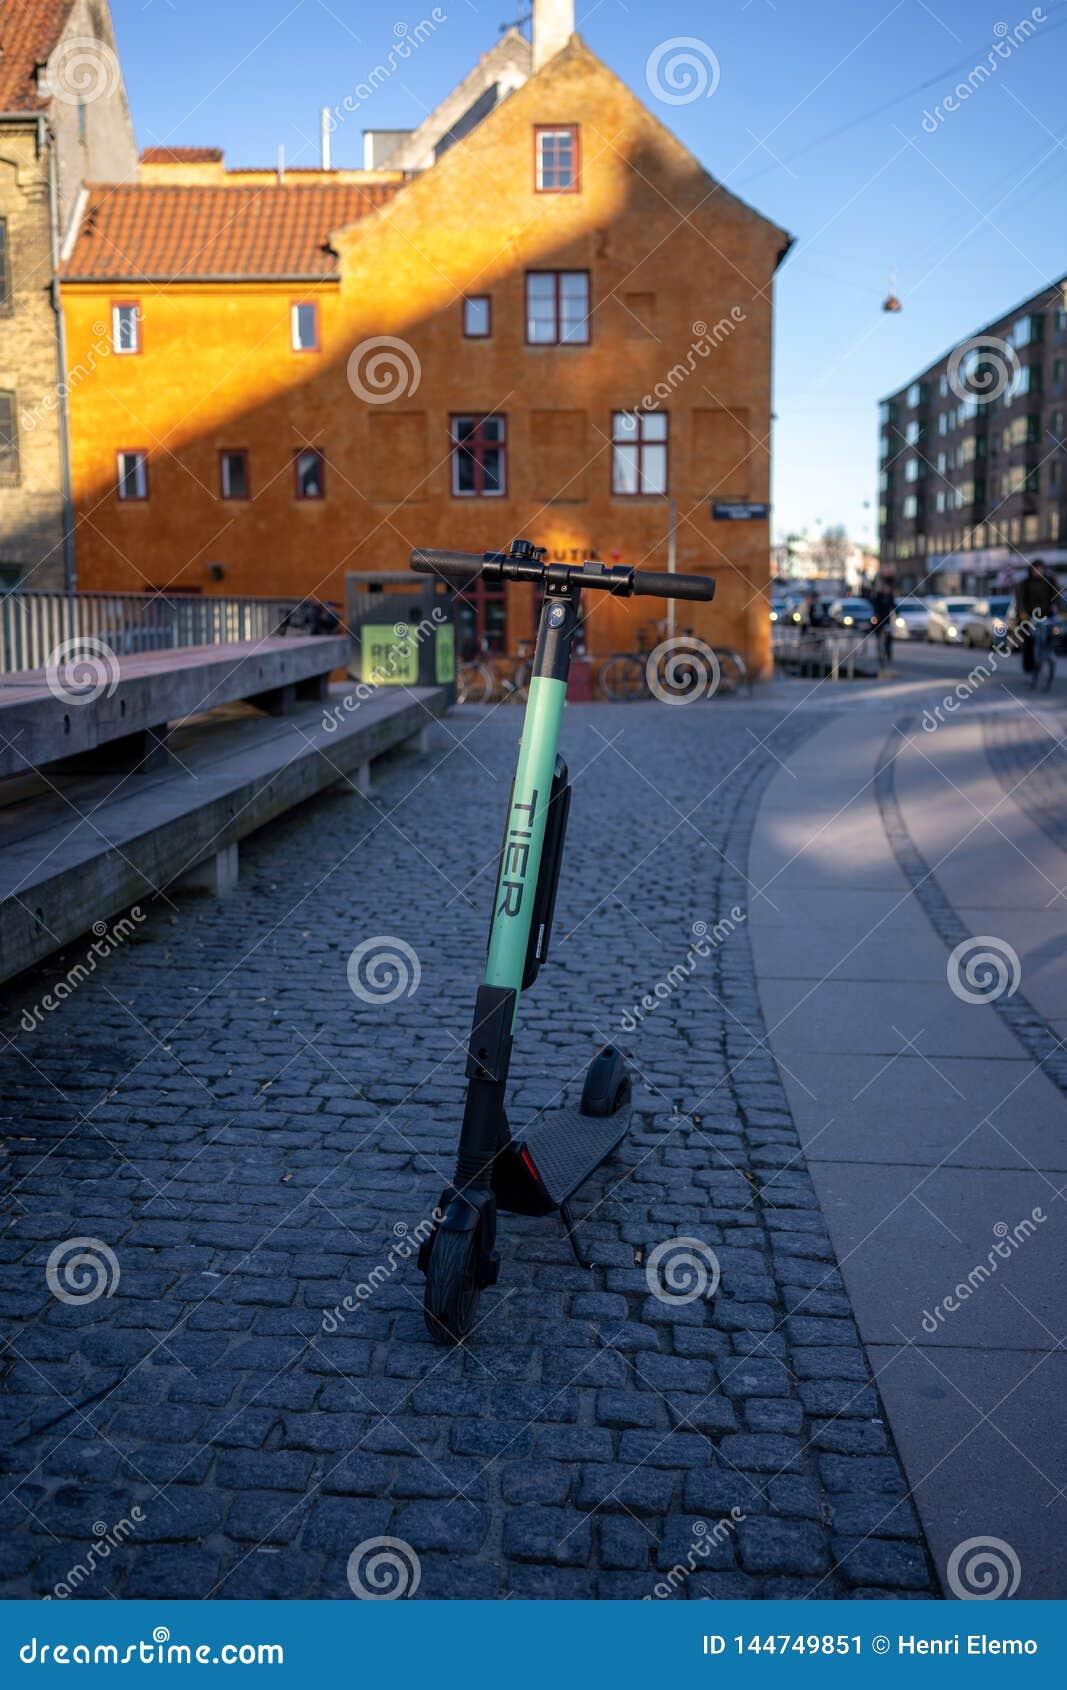 Κοπεγχάγη, Δανία - 1 Απριλίου 2019: Ηλεκτρικό μηχανικό δίκυκλο από τη σειρά στην Κοπεγχάγη στον ήλιο πρωινού, δίπλα στα εικονικά